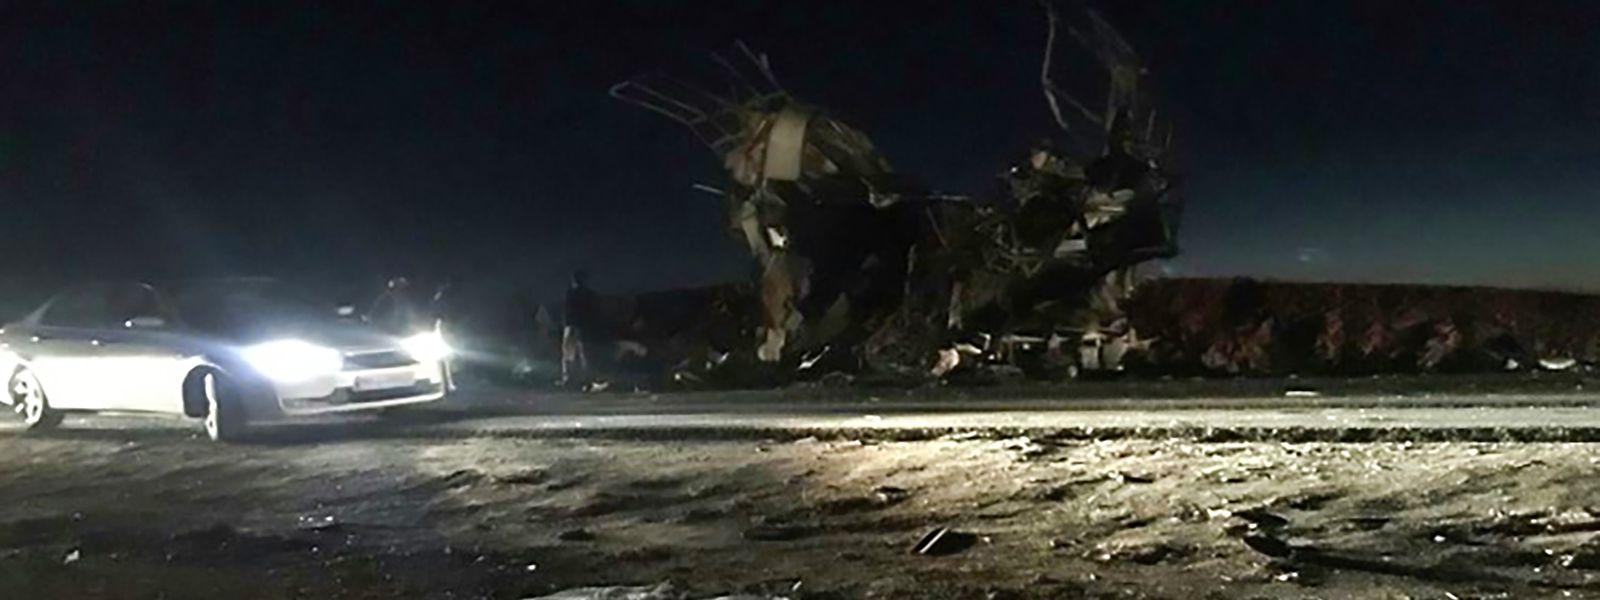 O atentado ocorreu na estrada entre as localidades de Khash e Zahedan, na província de Sistão-Baluchistão, no sudeste do país.